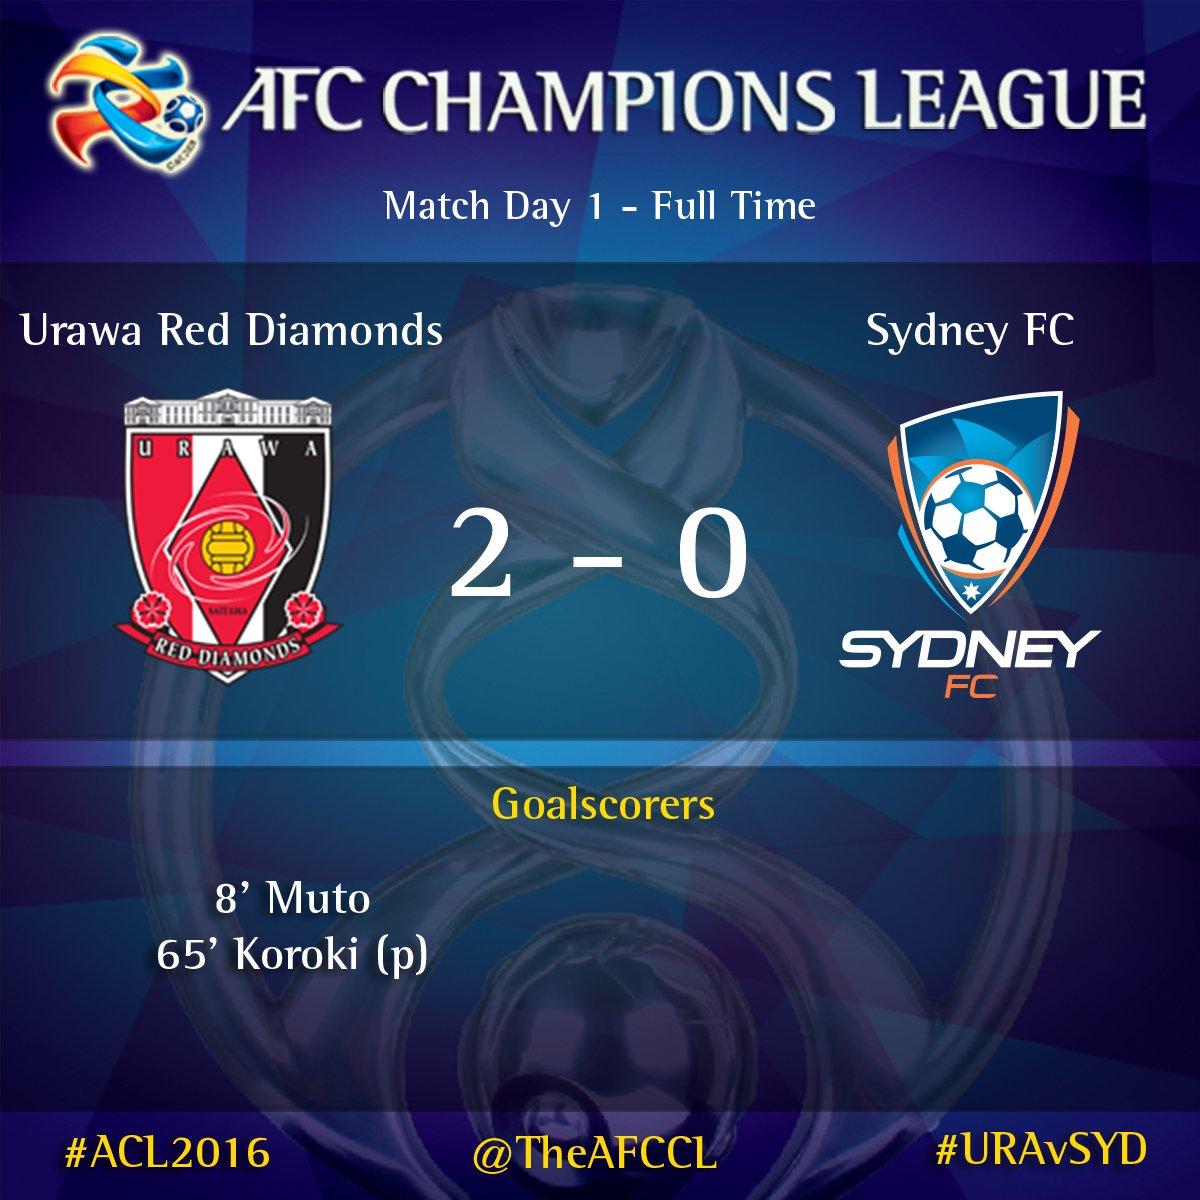 REDSOFFICIAL 2-0 @SydneyFC #ACL2016 #URAvSYD